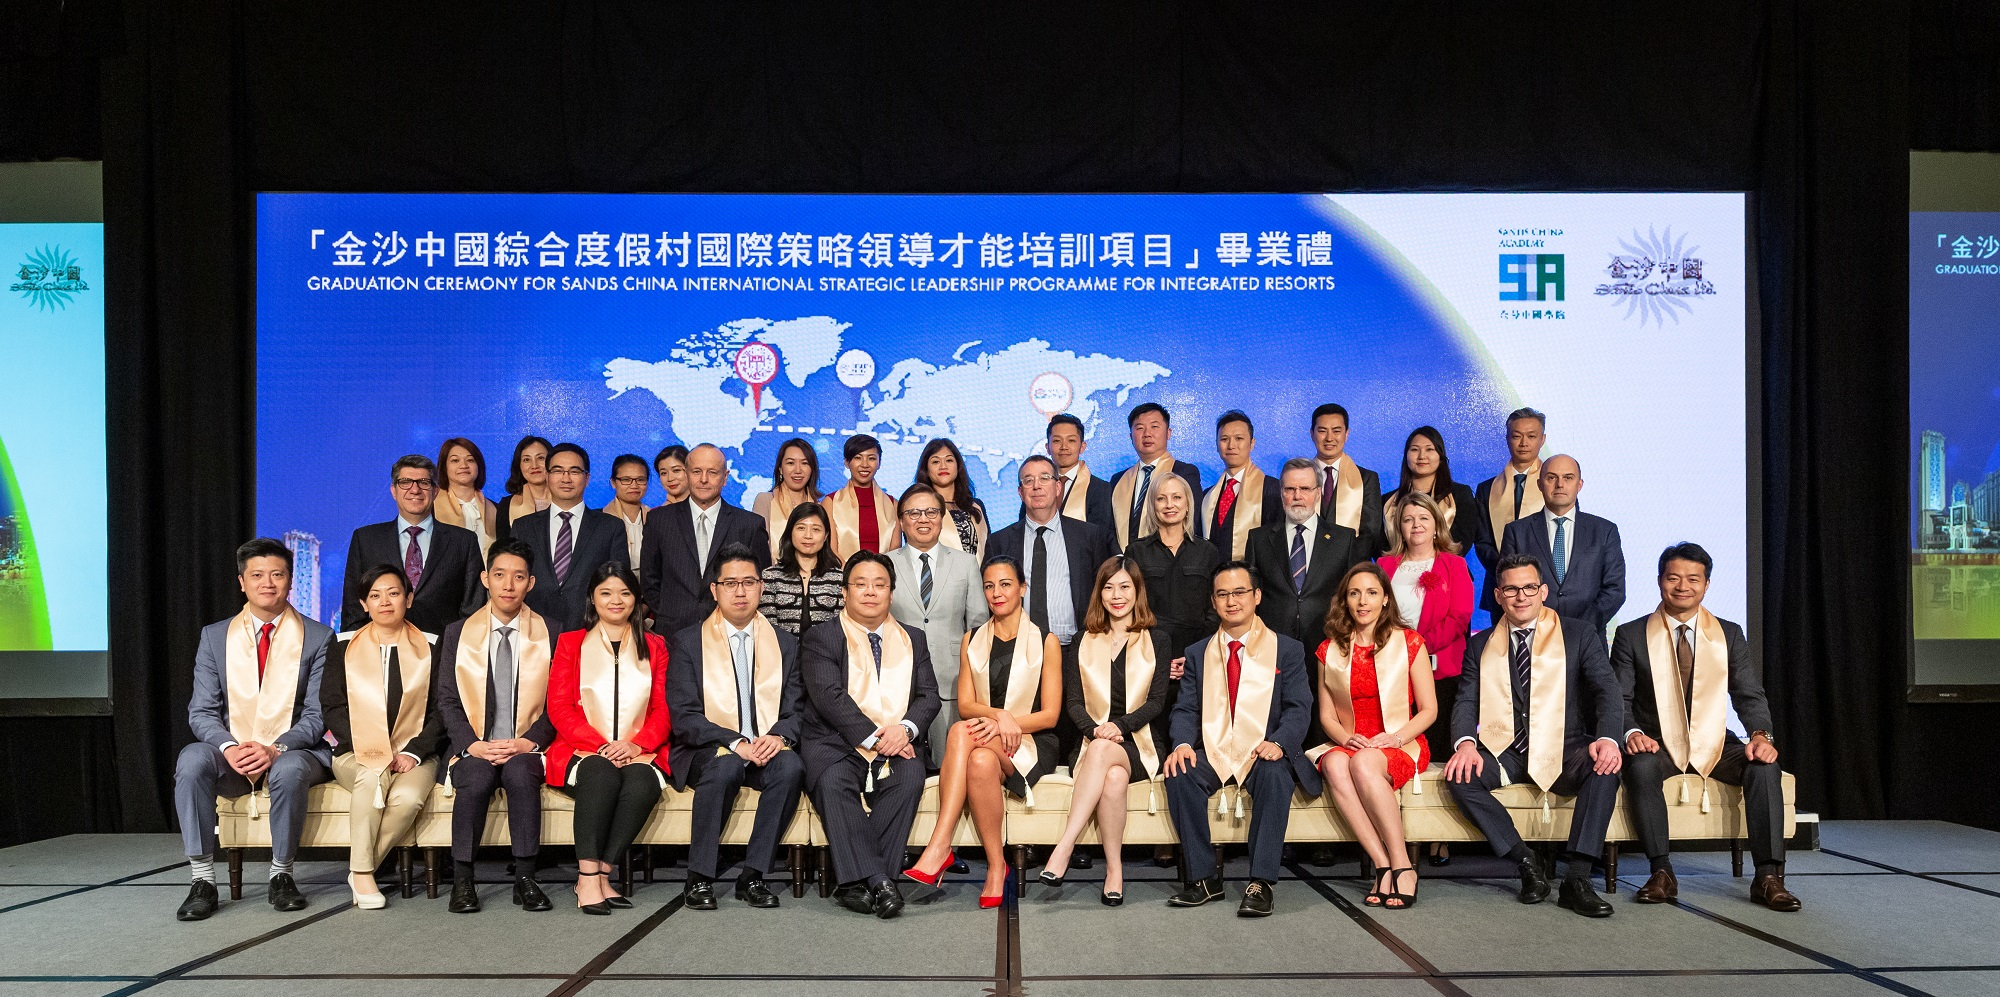 國際策略領導才能培訓項目畢業典禮 -  金沙中國有限公司